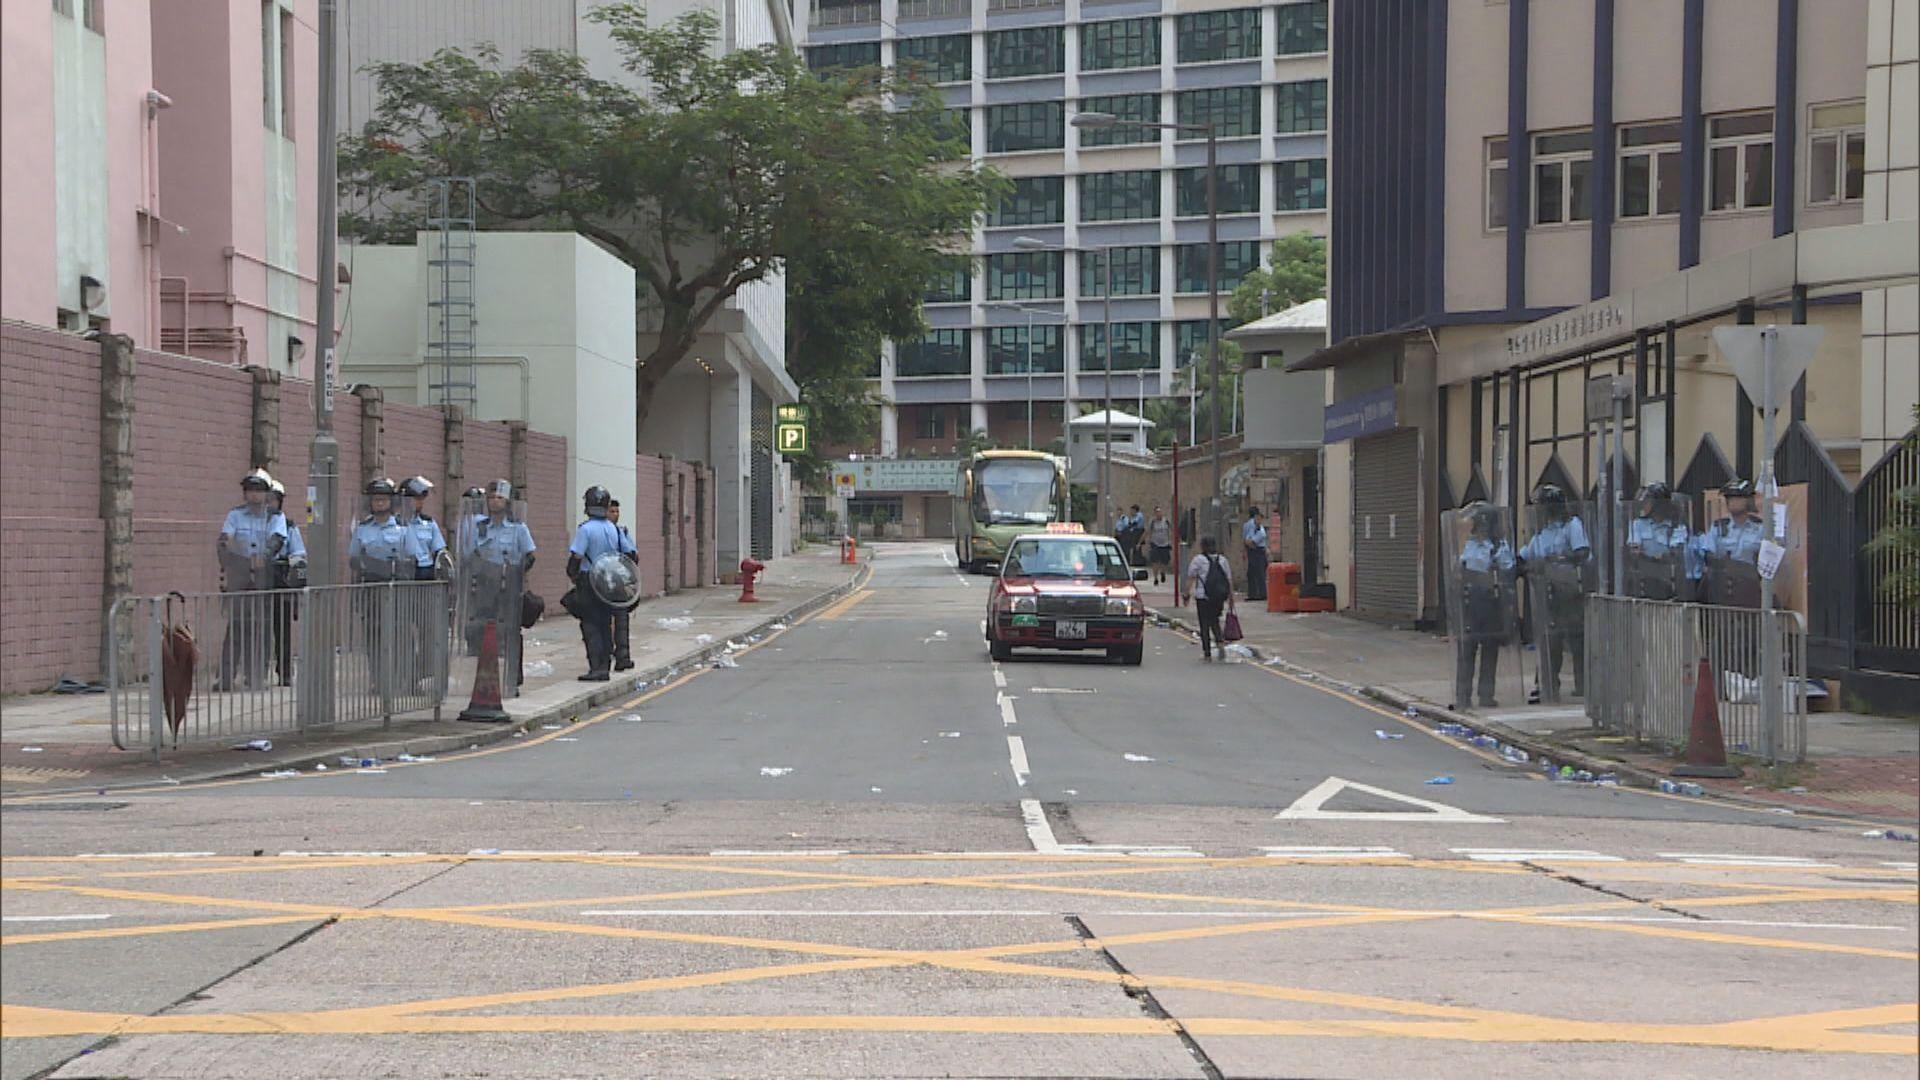 黃大仙紀律部隊宿舍外有警員把守